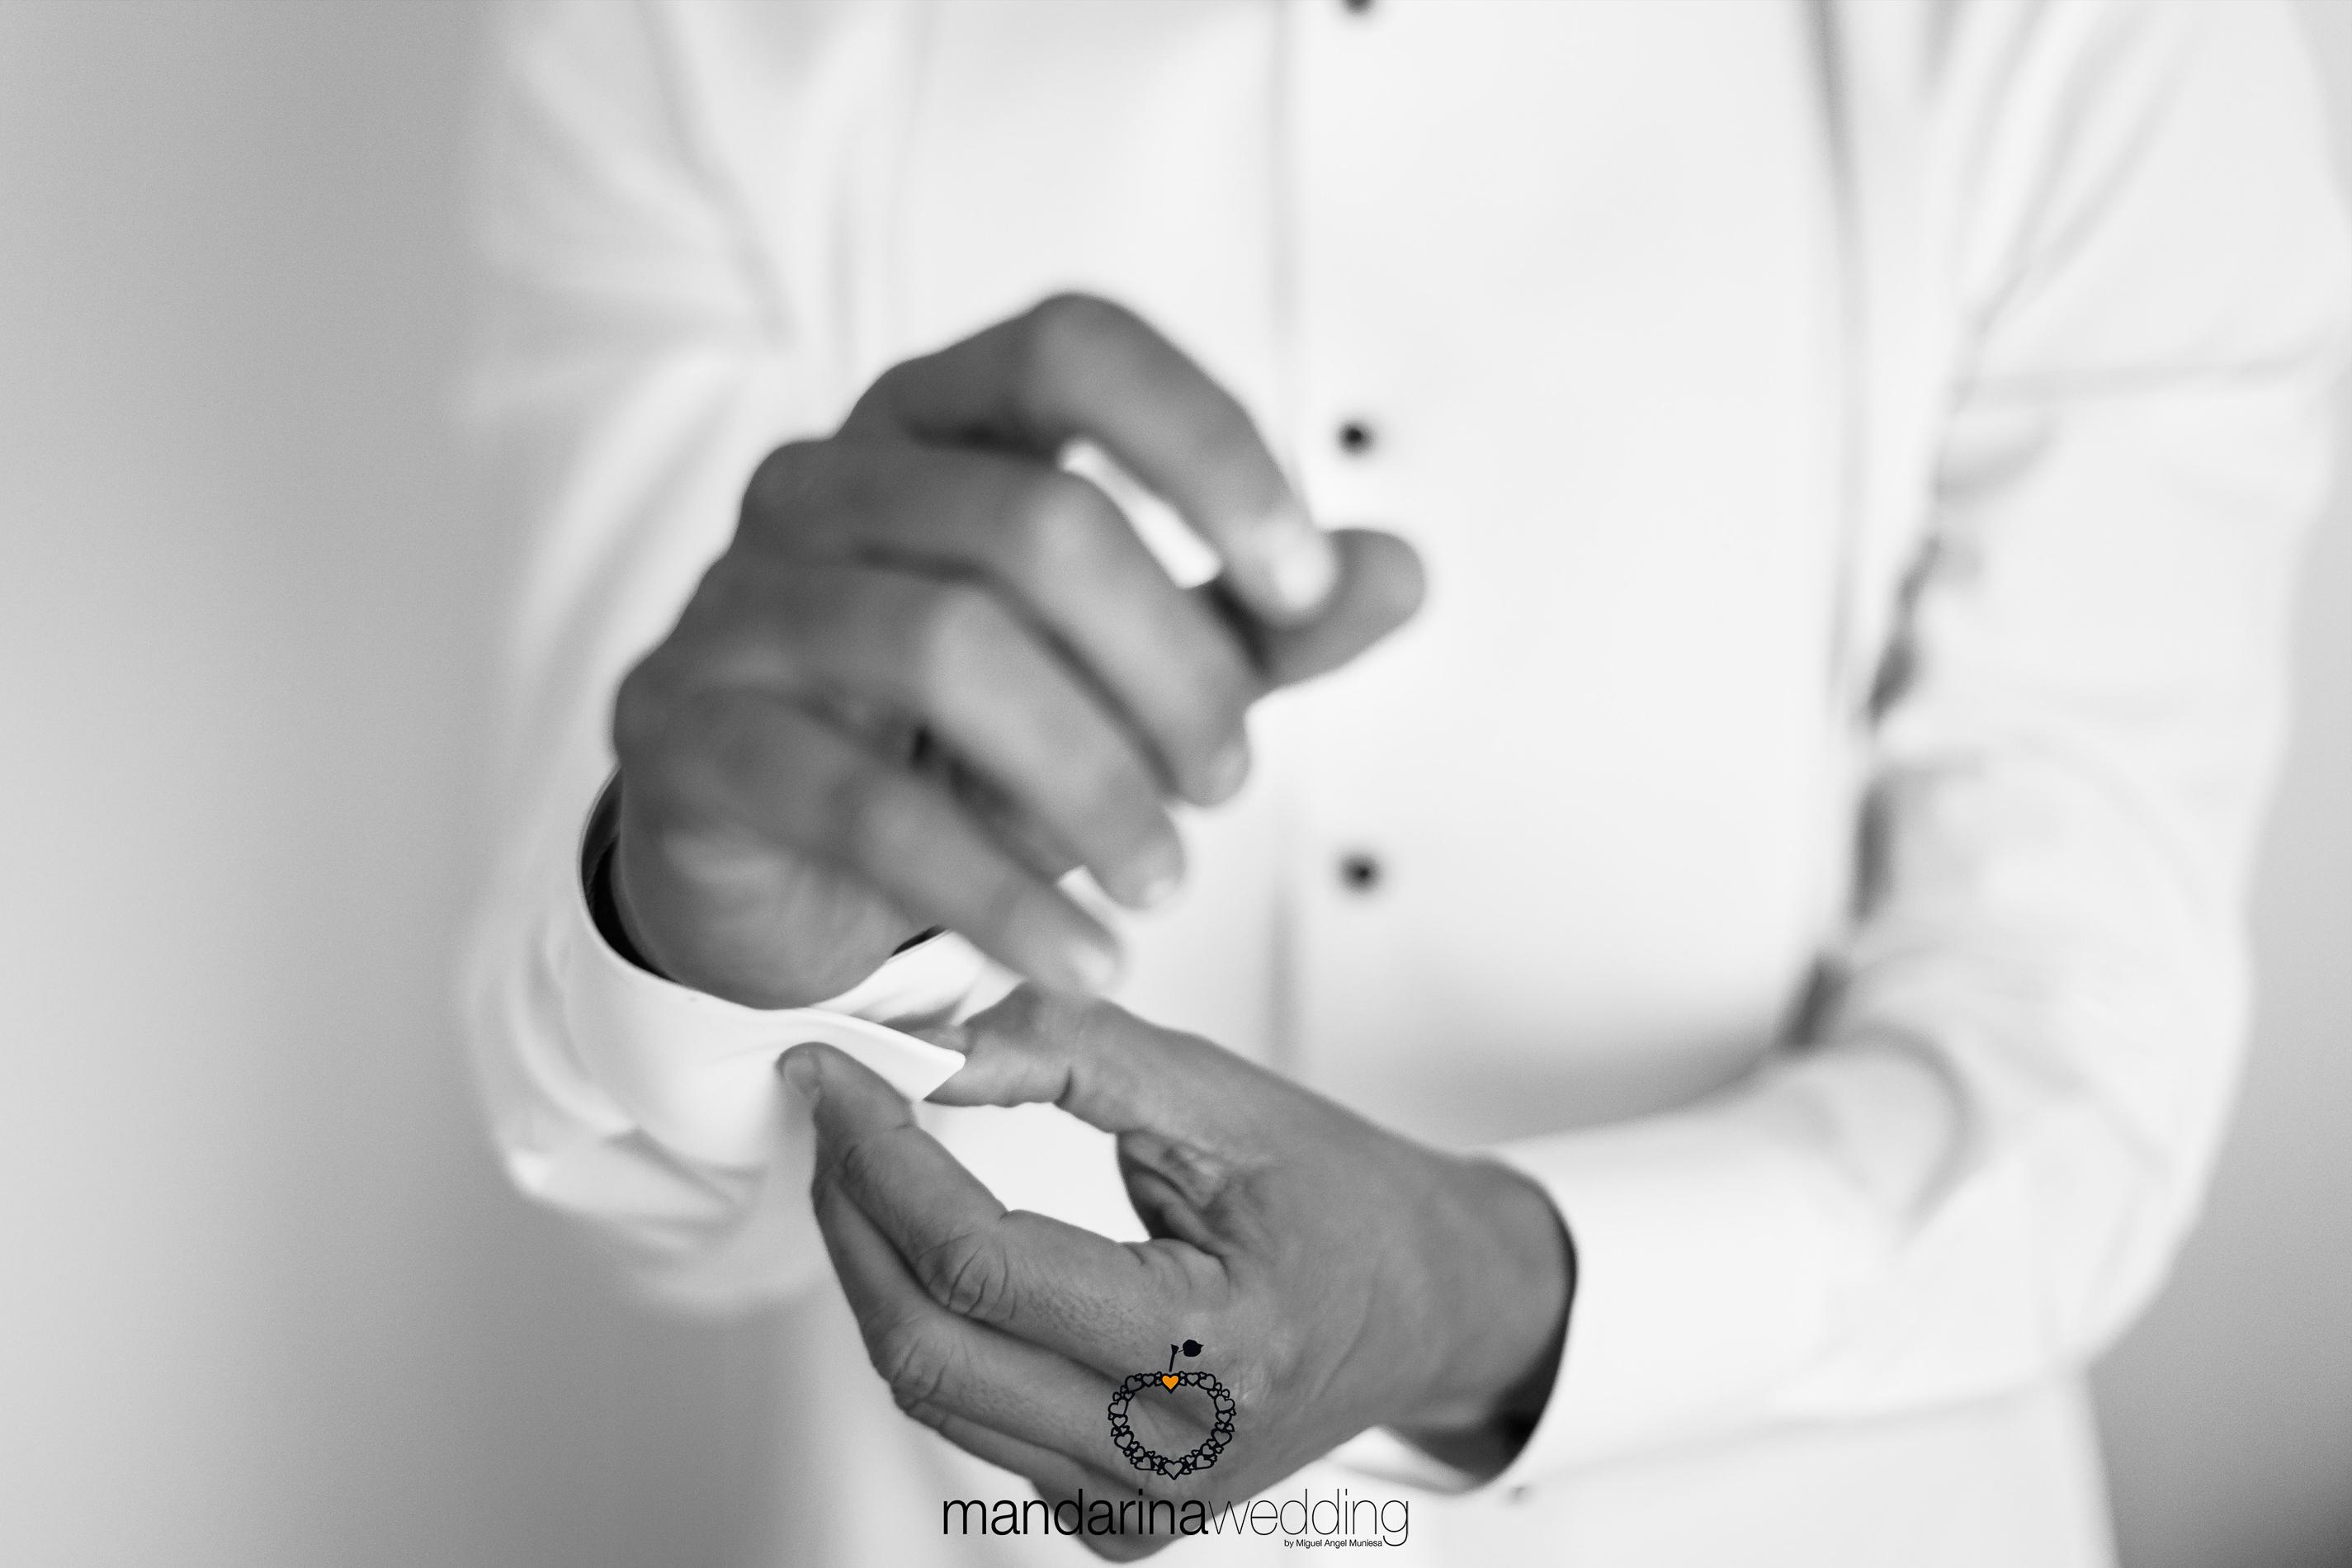 mandarina-wedding-fotografos-boda-zaragoza-bodas-fotografia-de-boda-fotografos-de-boda_15